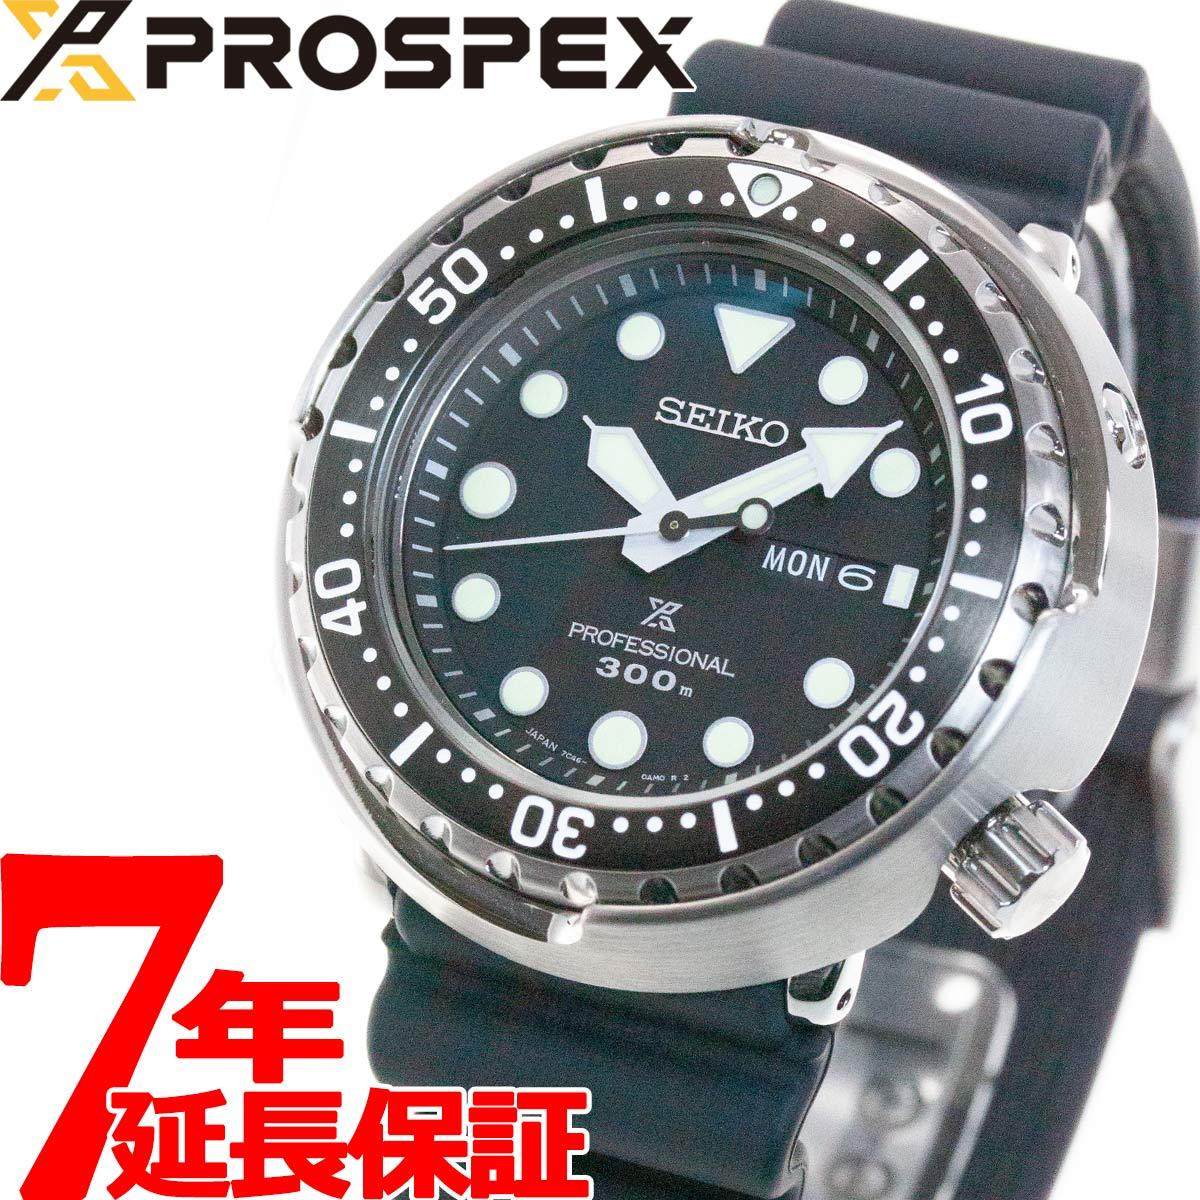 腕時計, メンズ腕時計 18037182359 SEIKO PROSPEX SBBN0452020